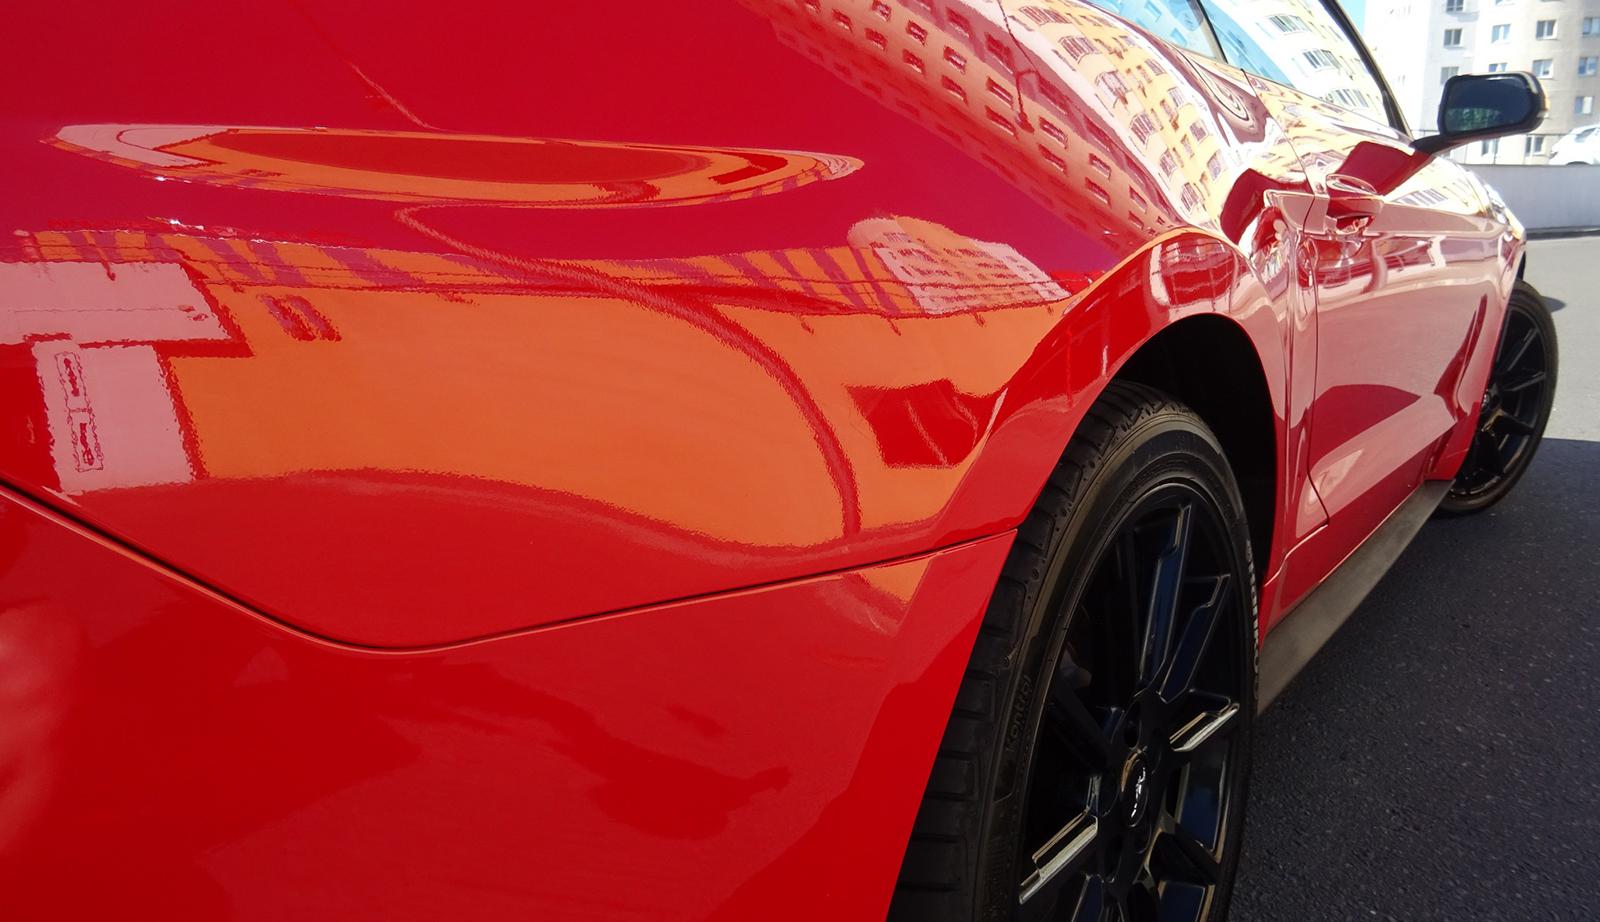 Как убрать рыжики и ржавчину с кузова автомобиля?